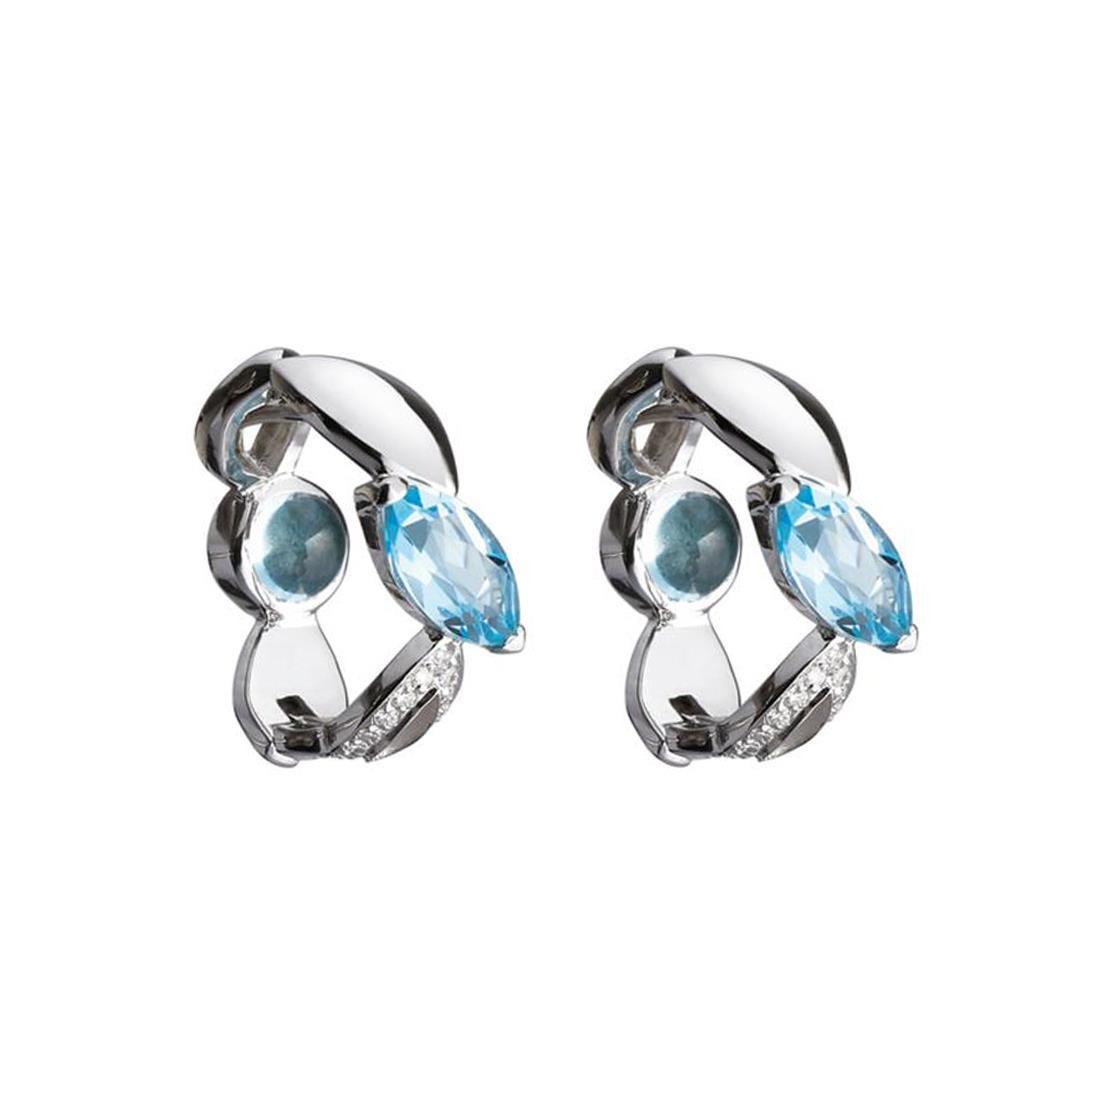 Orecchini creola in oro bianco con topazio azzurro e diamanti - ALFIERI & ST. JOHN